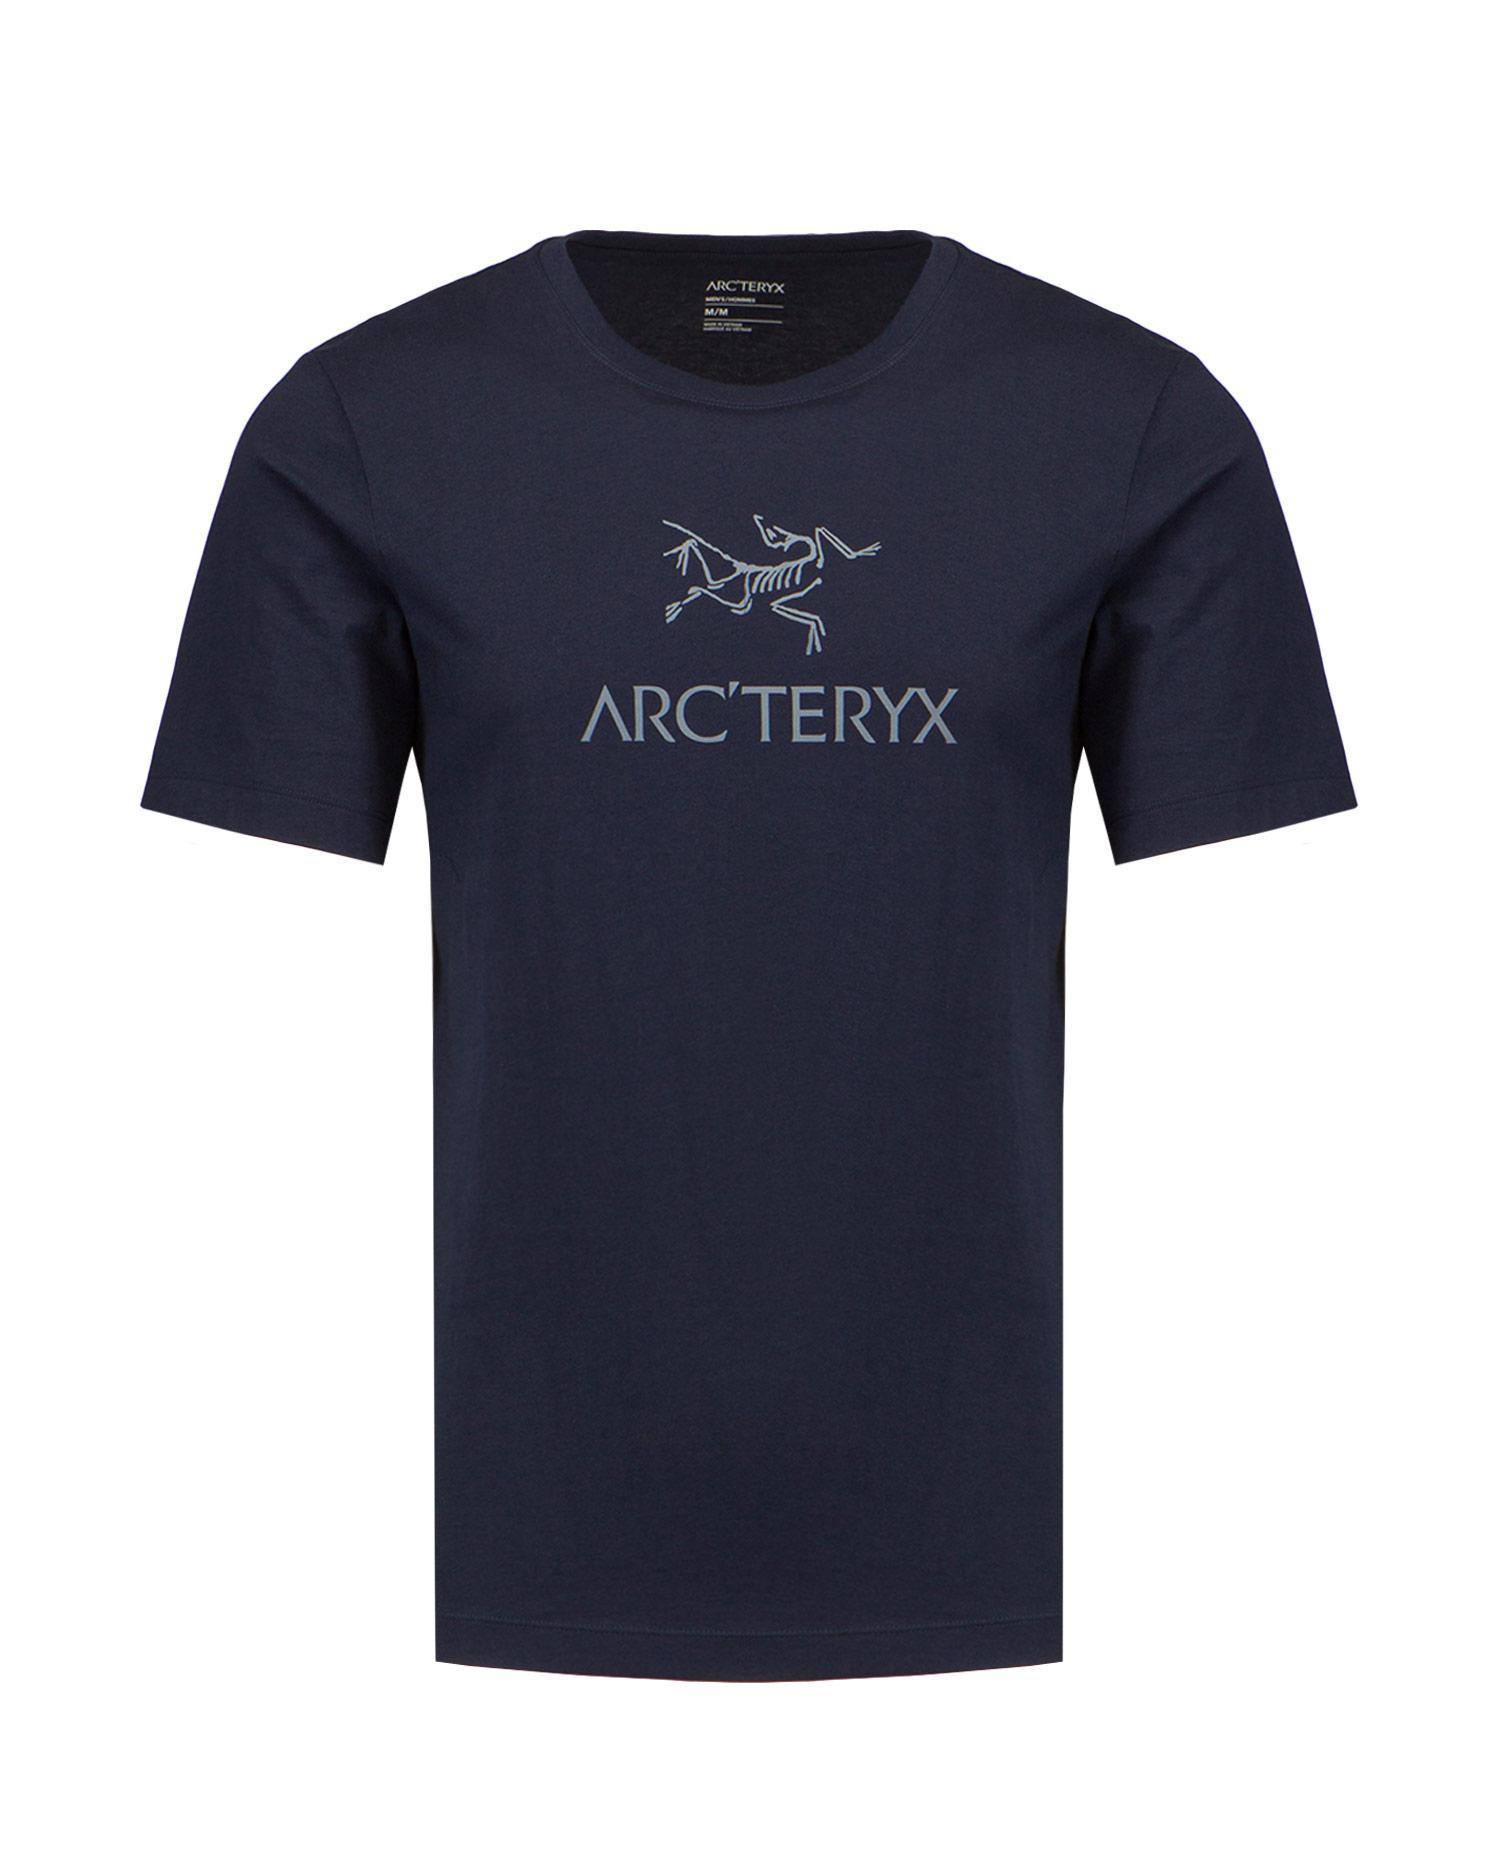 Tričko Arcteryx ARC'WORD T-SHIRT MEN'S